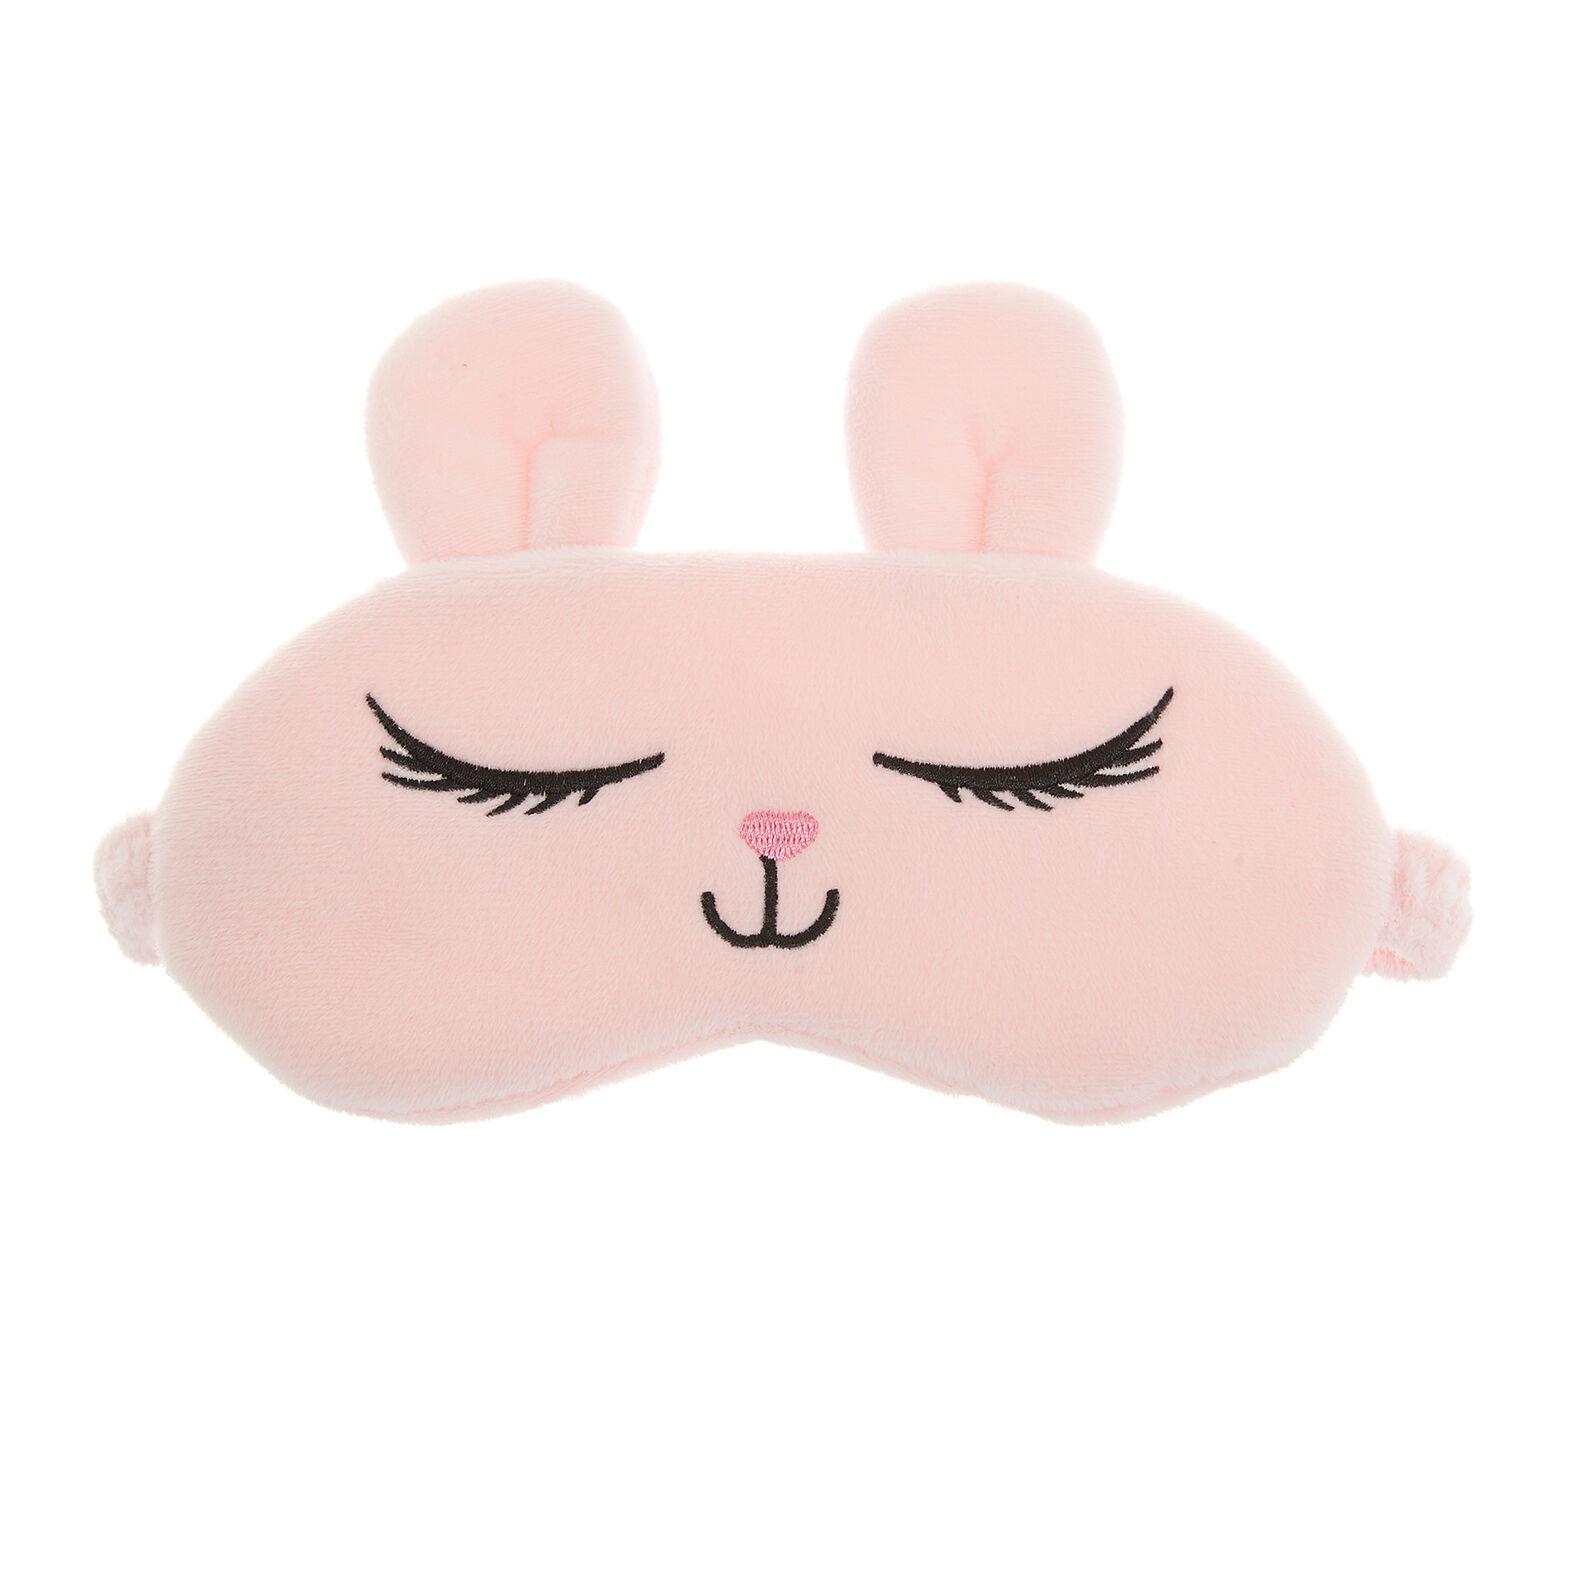 Mascherine per dormire ad animaletto